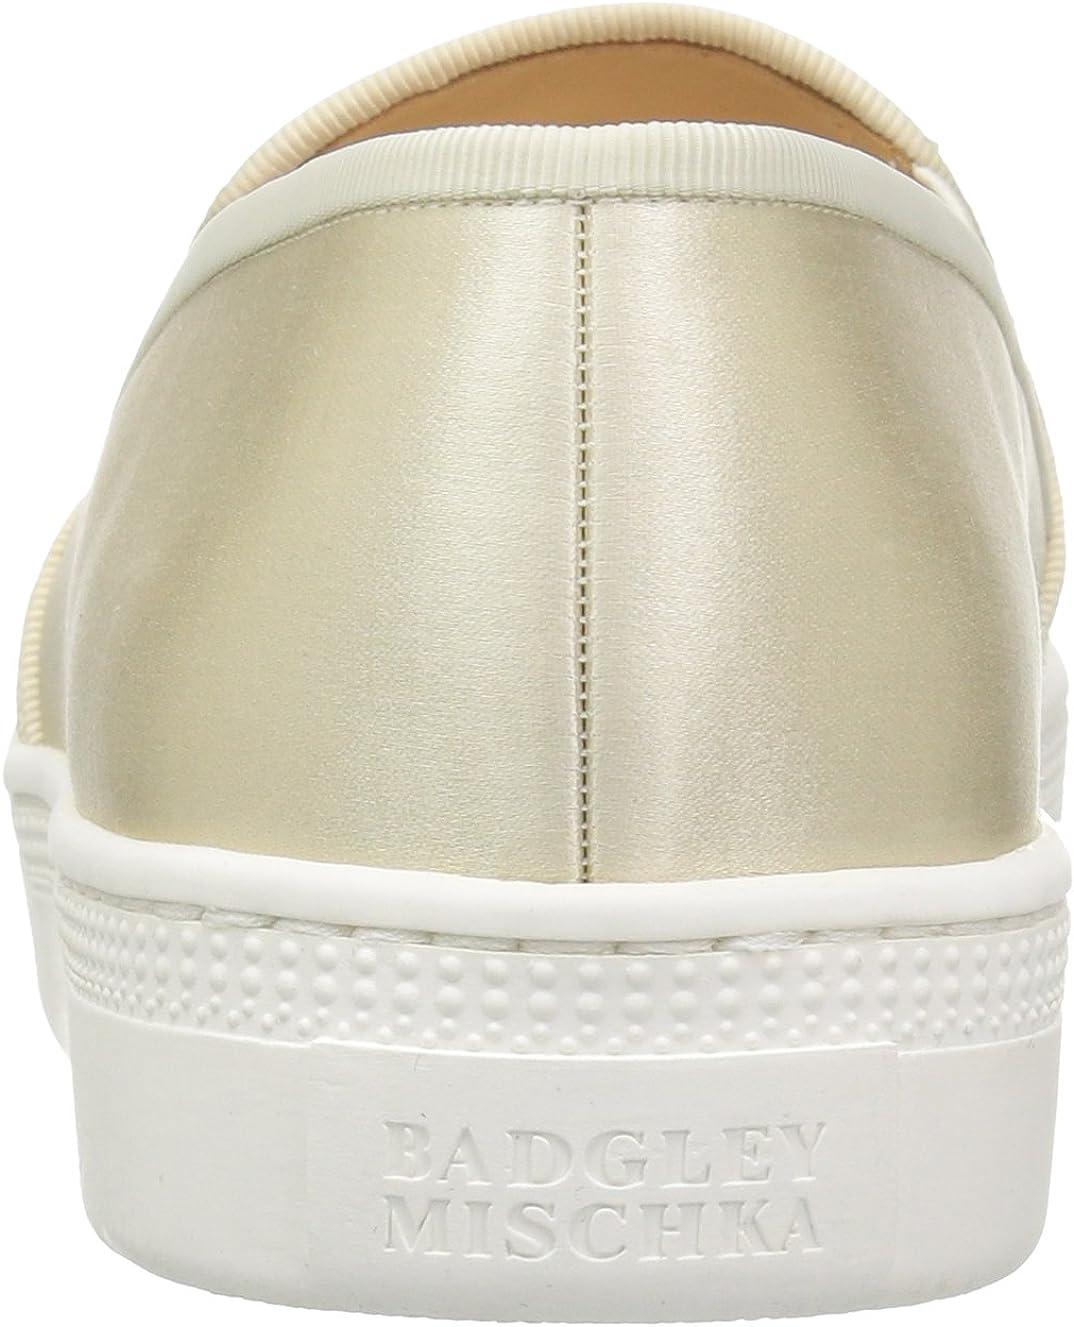 Badgley Mischka Chaussures de Sport pour Femme Tons Ivoire